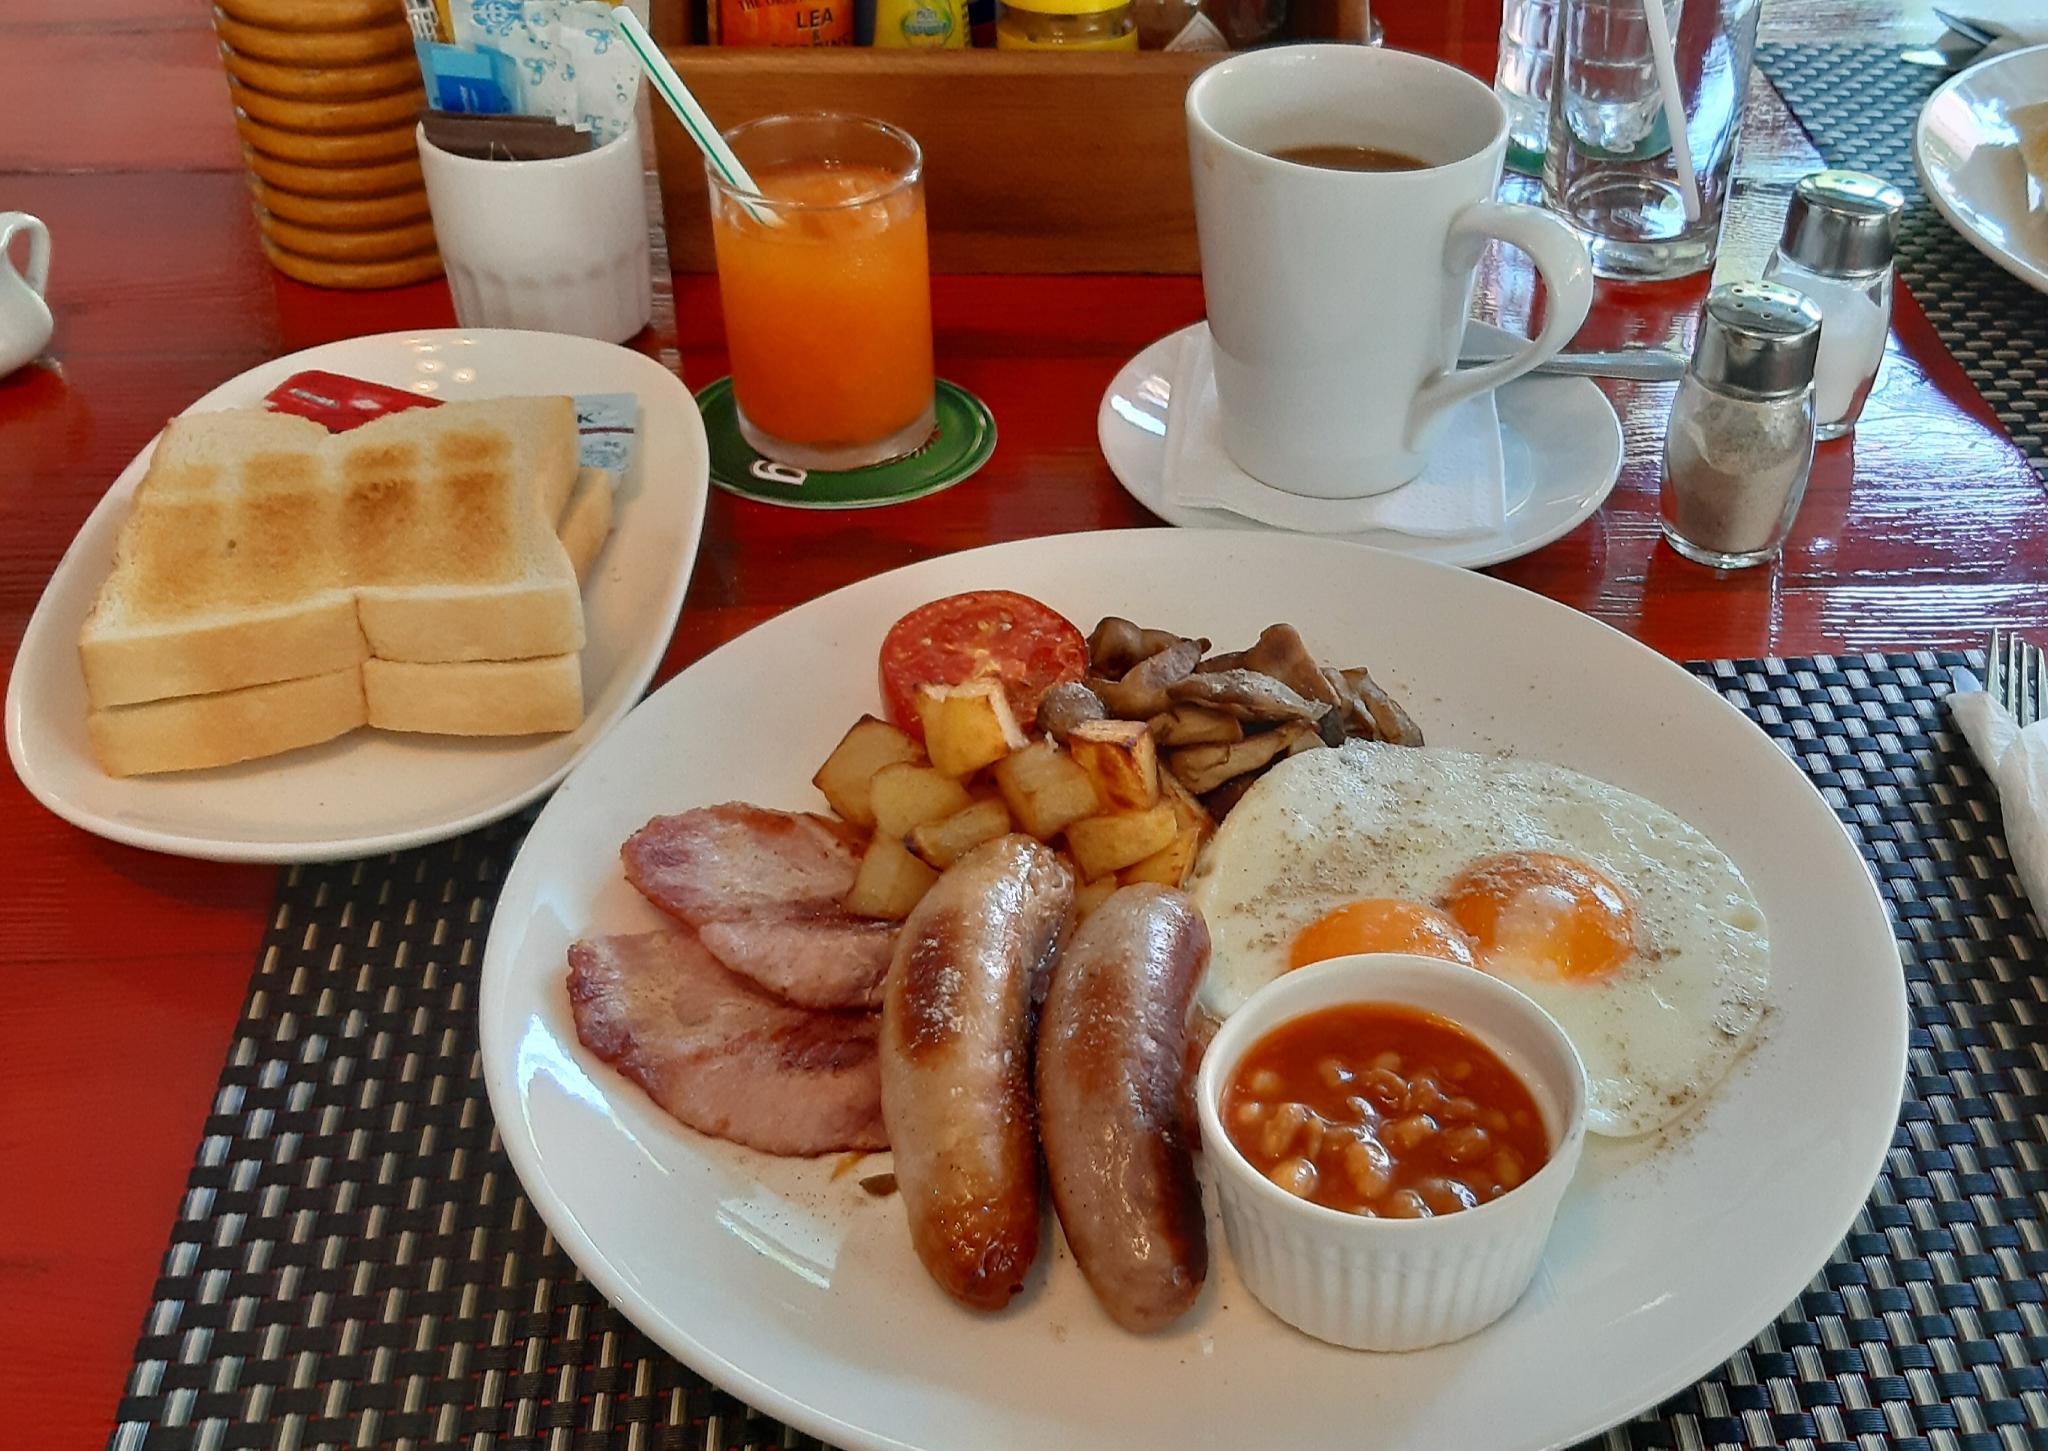 Breakfast-20200822_112340-jpg